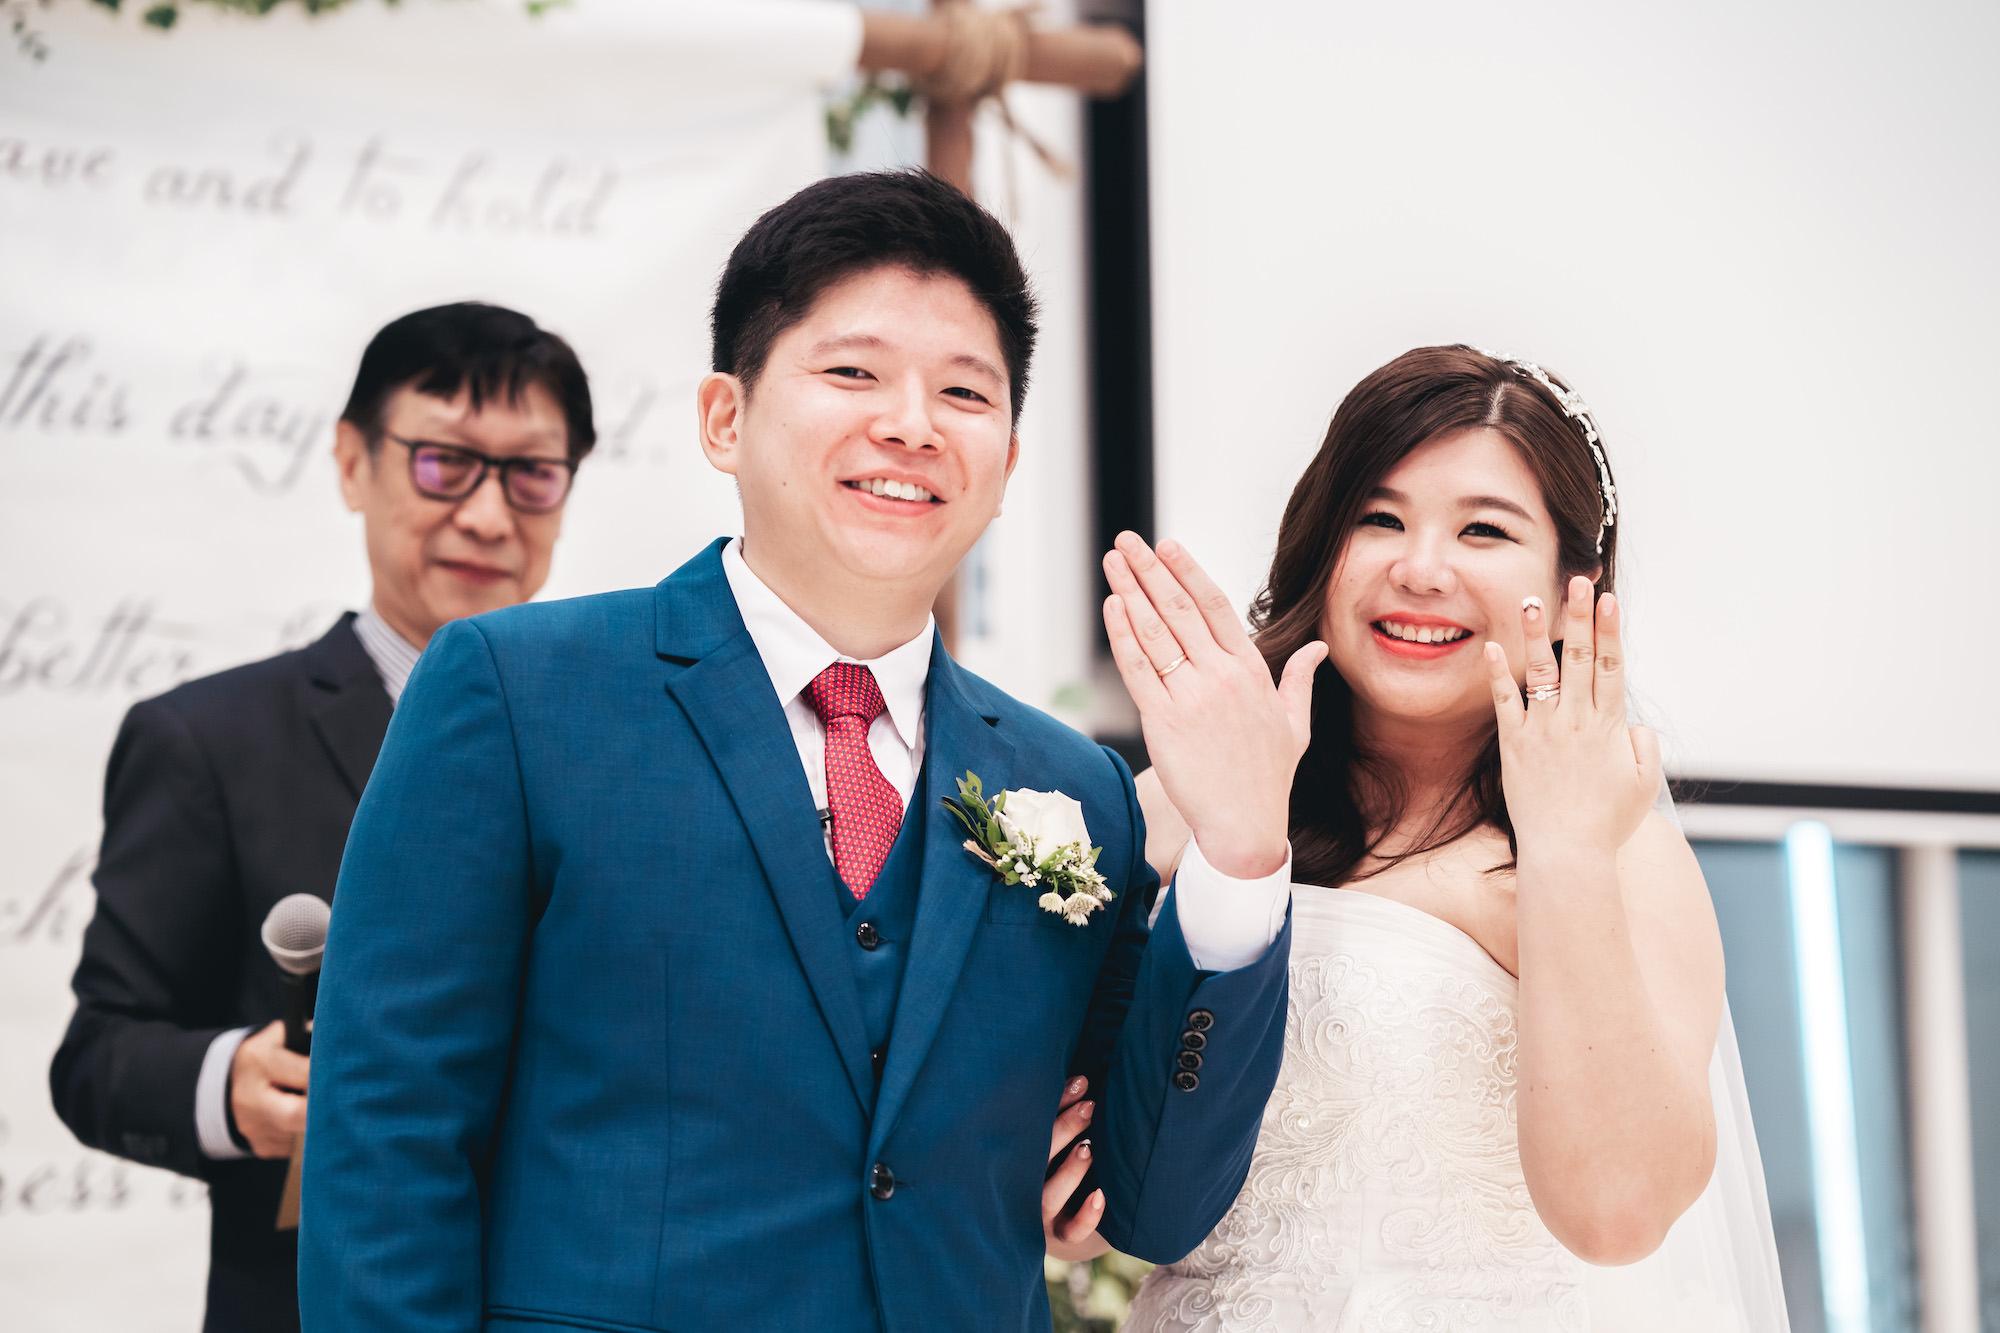 20190223_Amanda and Qinwei (67 of 72).jpg